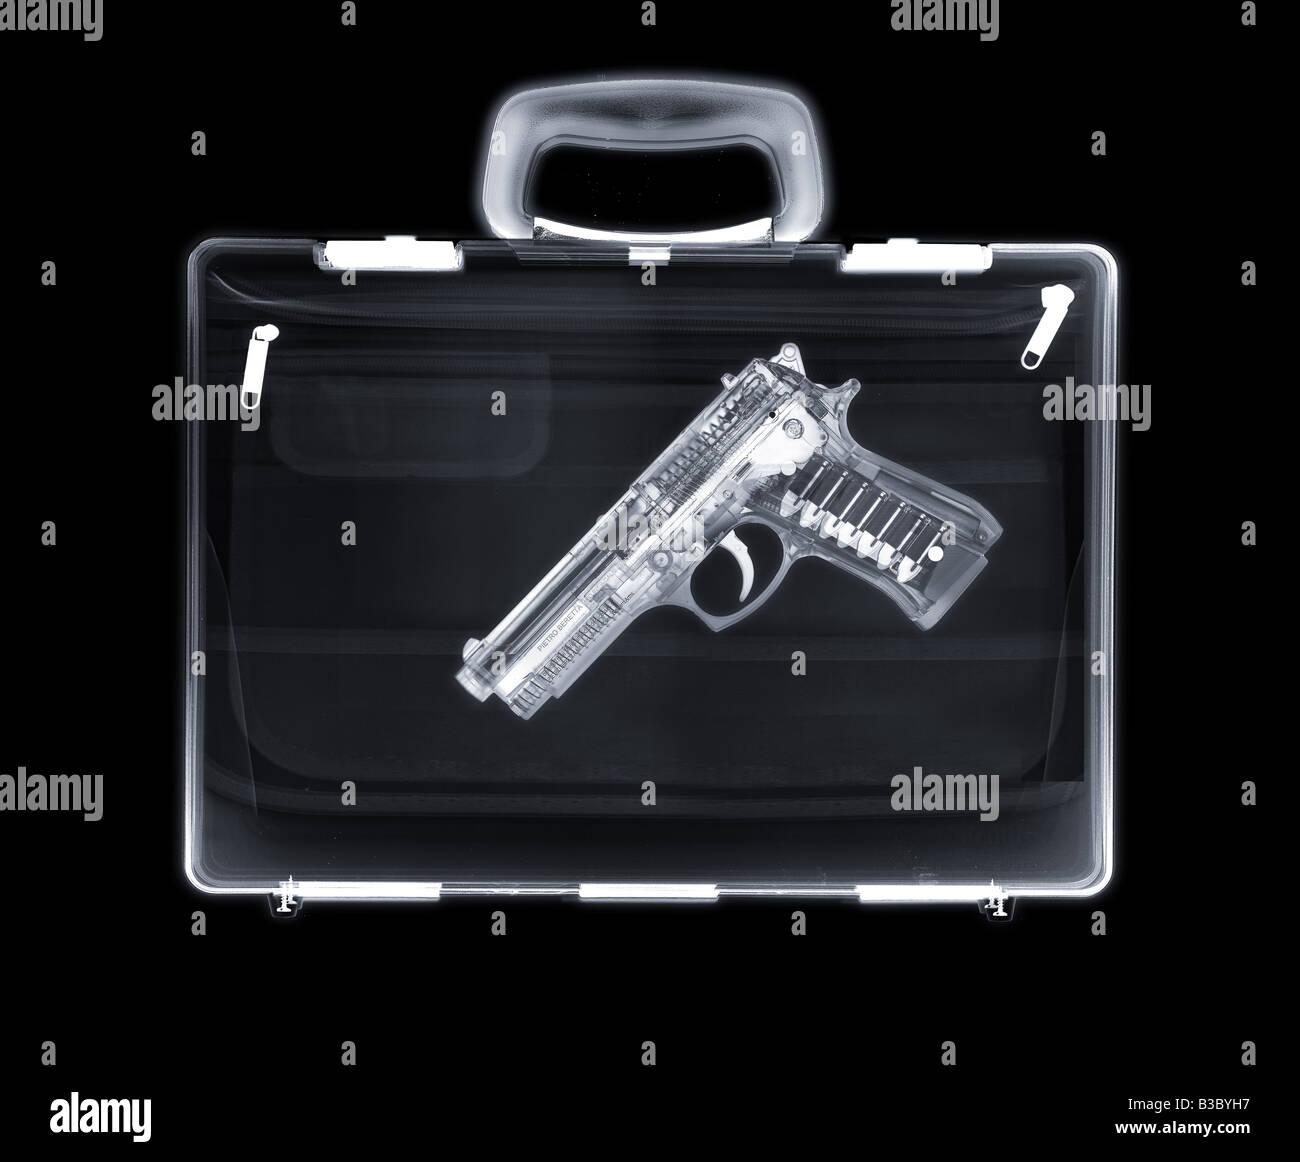 X-ray of a bag containing a gun Stock Photo